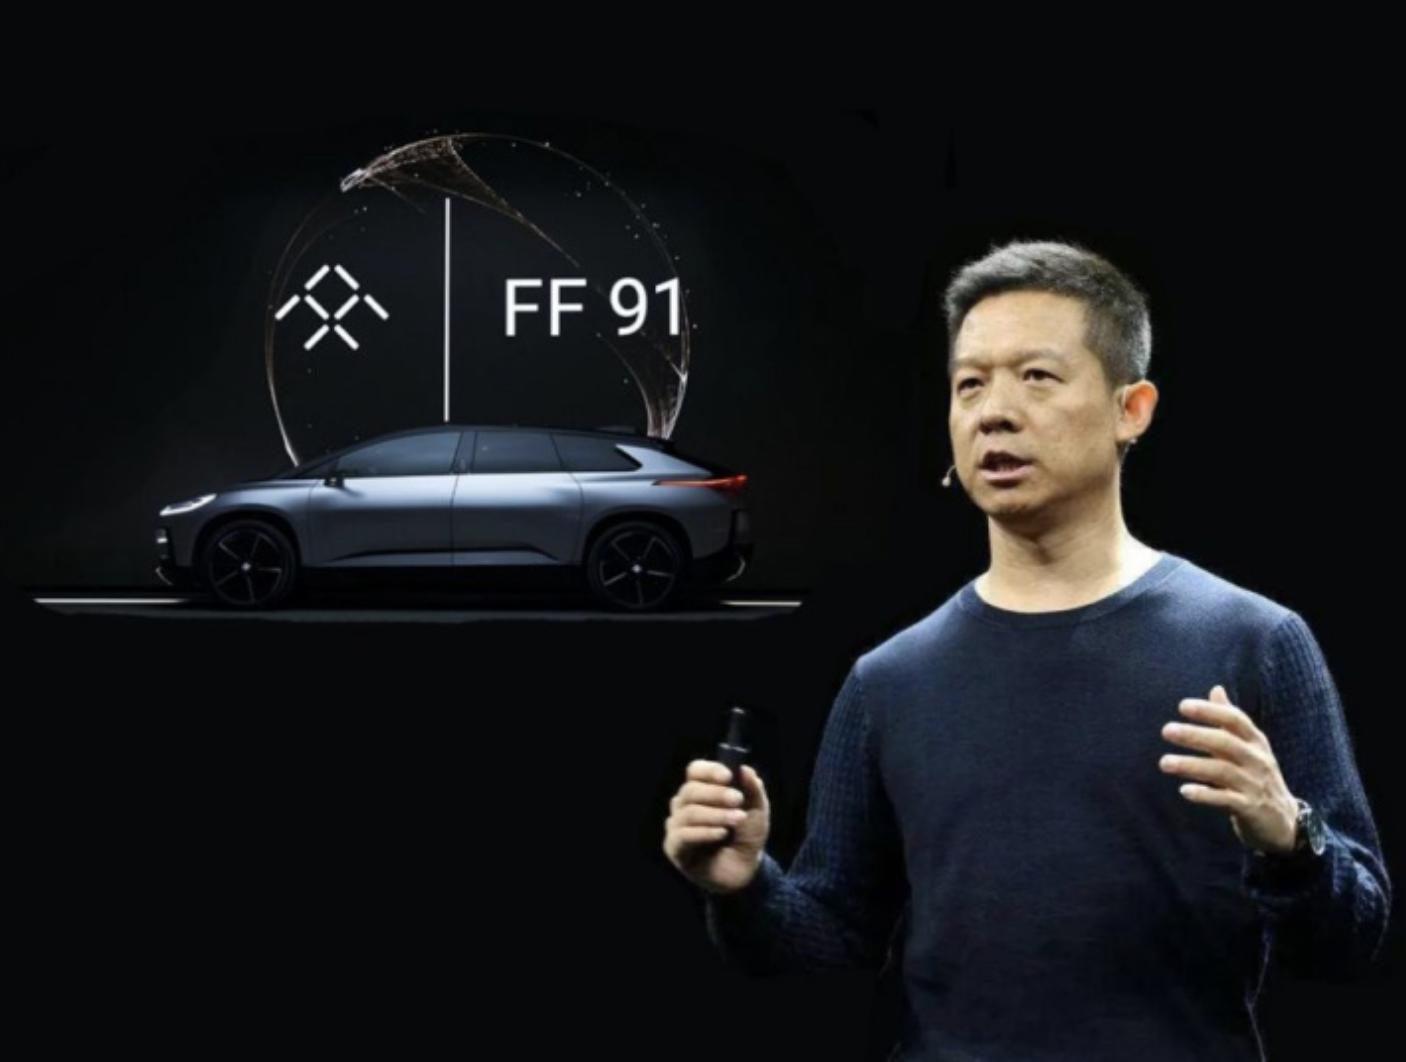 造车能力被质疑 FF公司遭美国机构做空